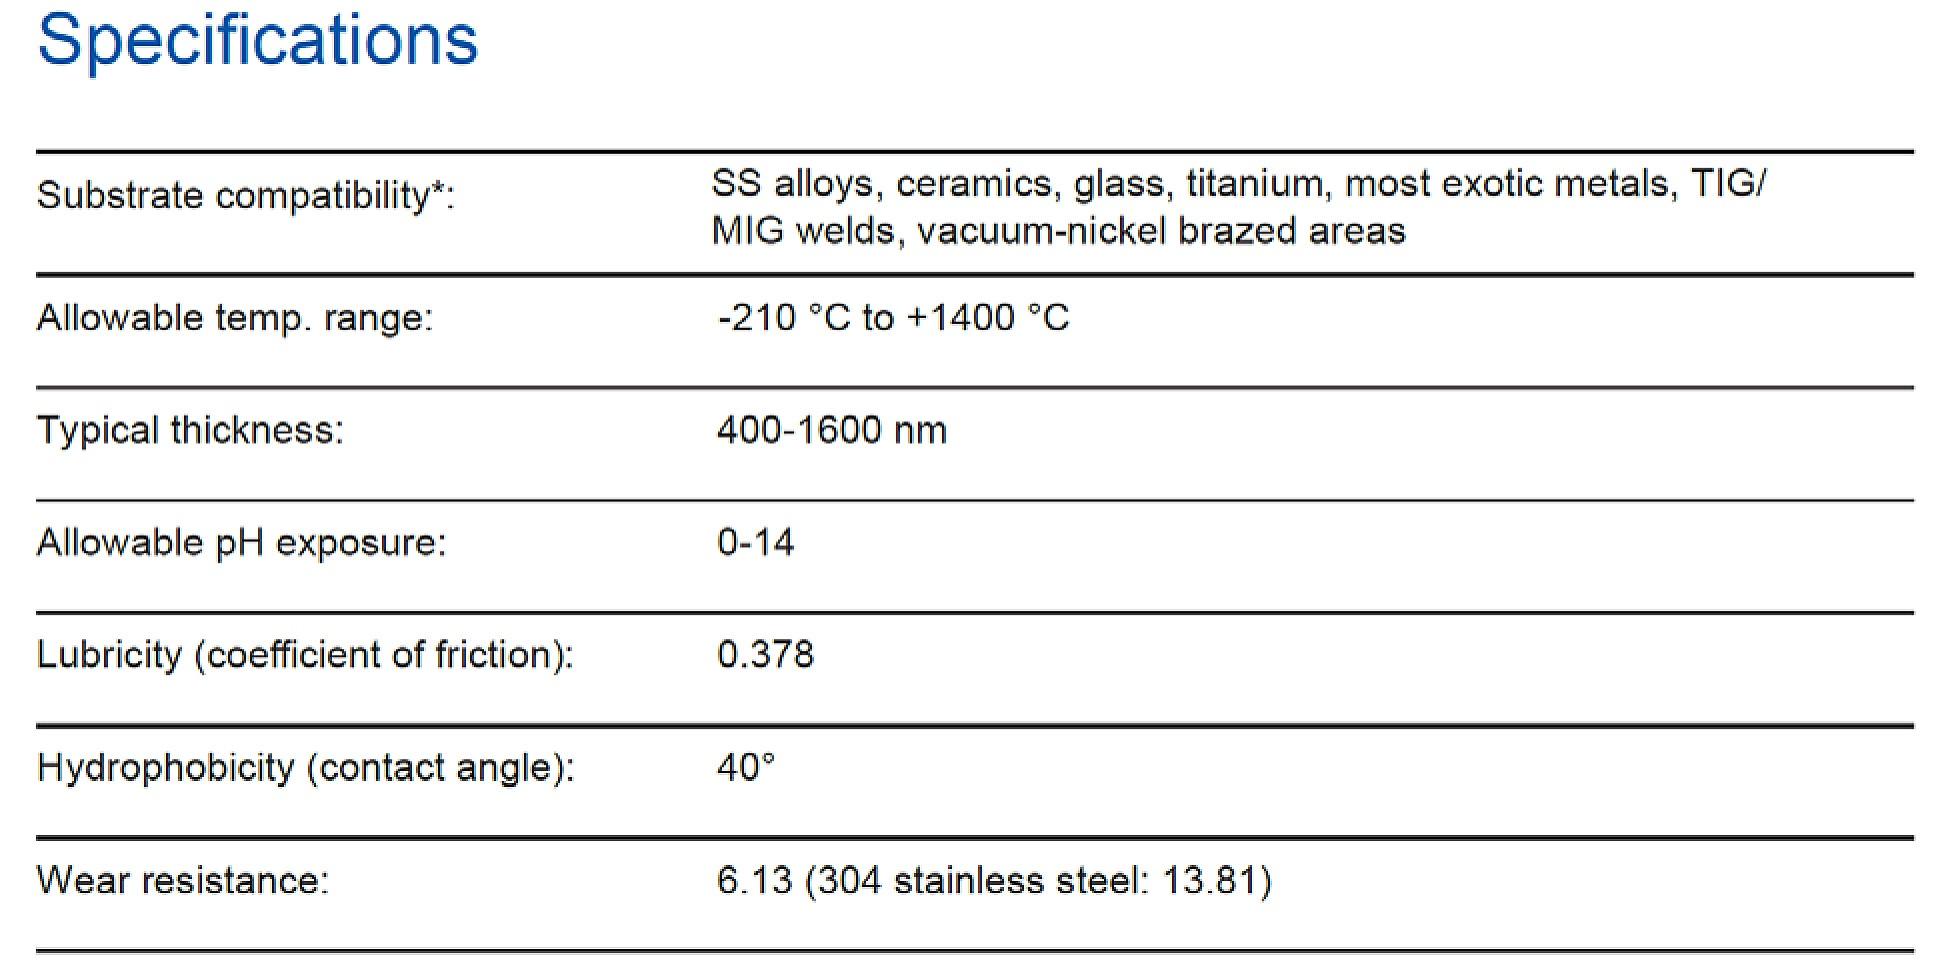 Dursox spec table 2 21 18.jpg